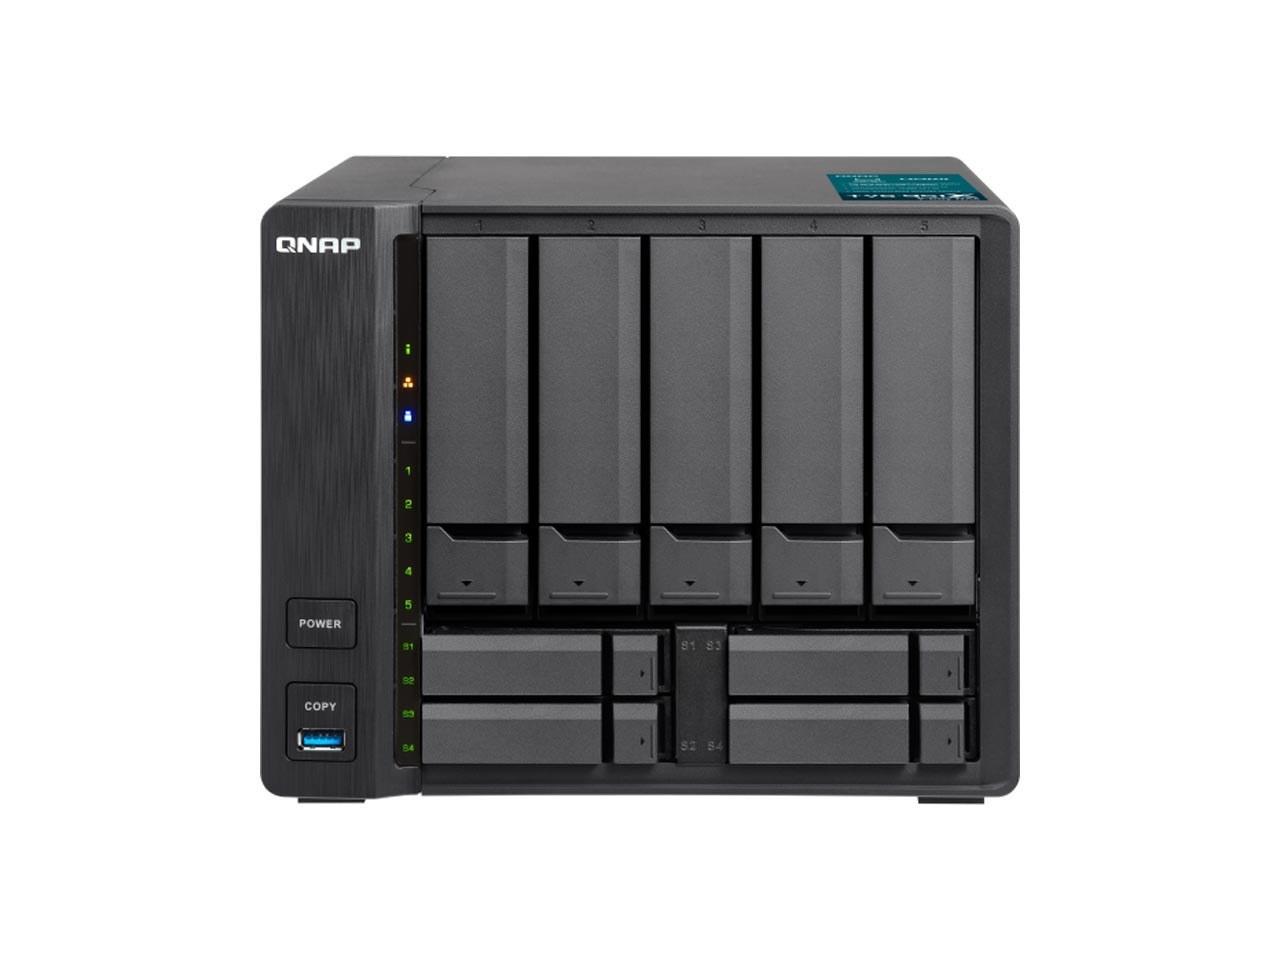 ذخیره ساز تحت شبکه QNAP مدل TVS-951X